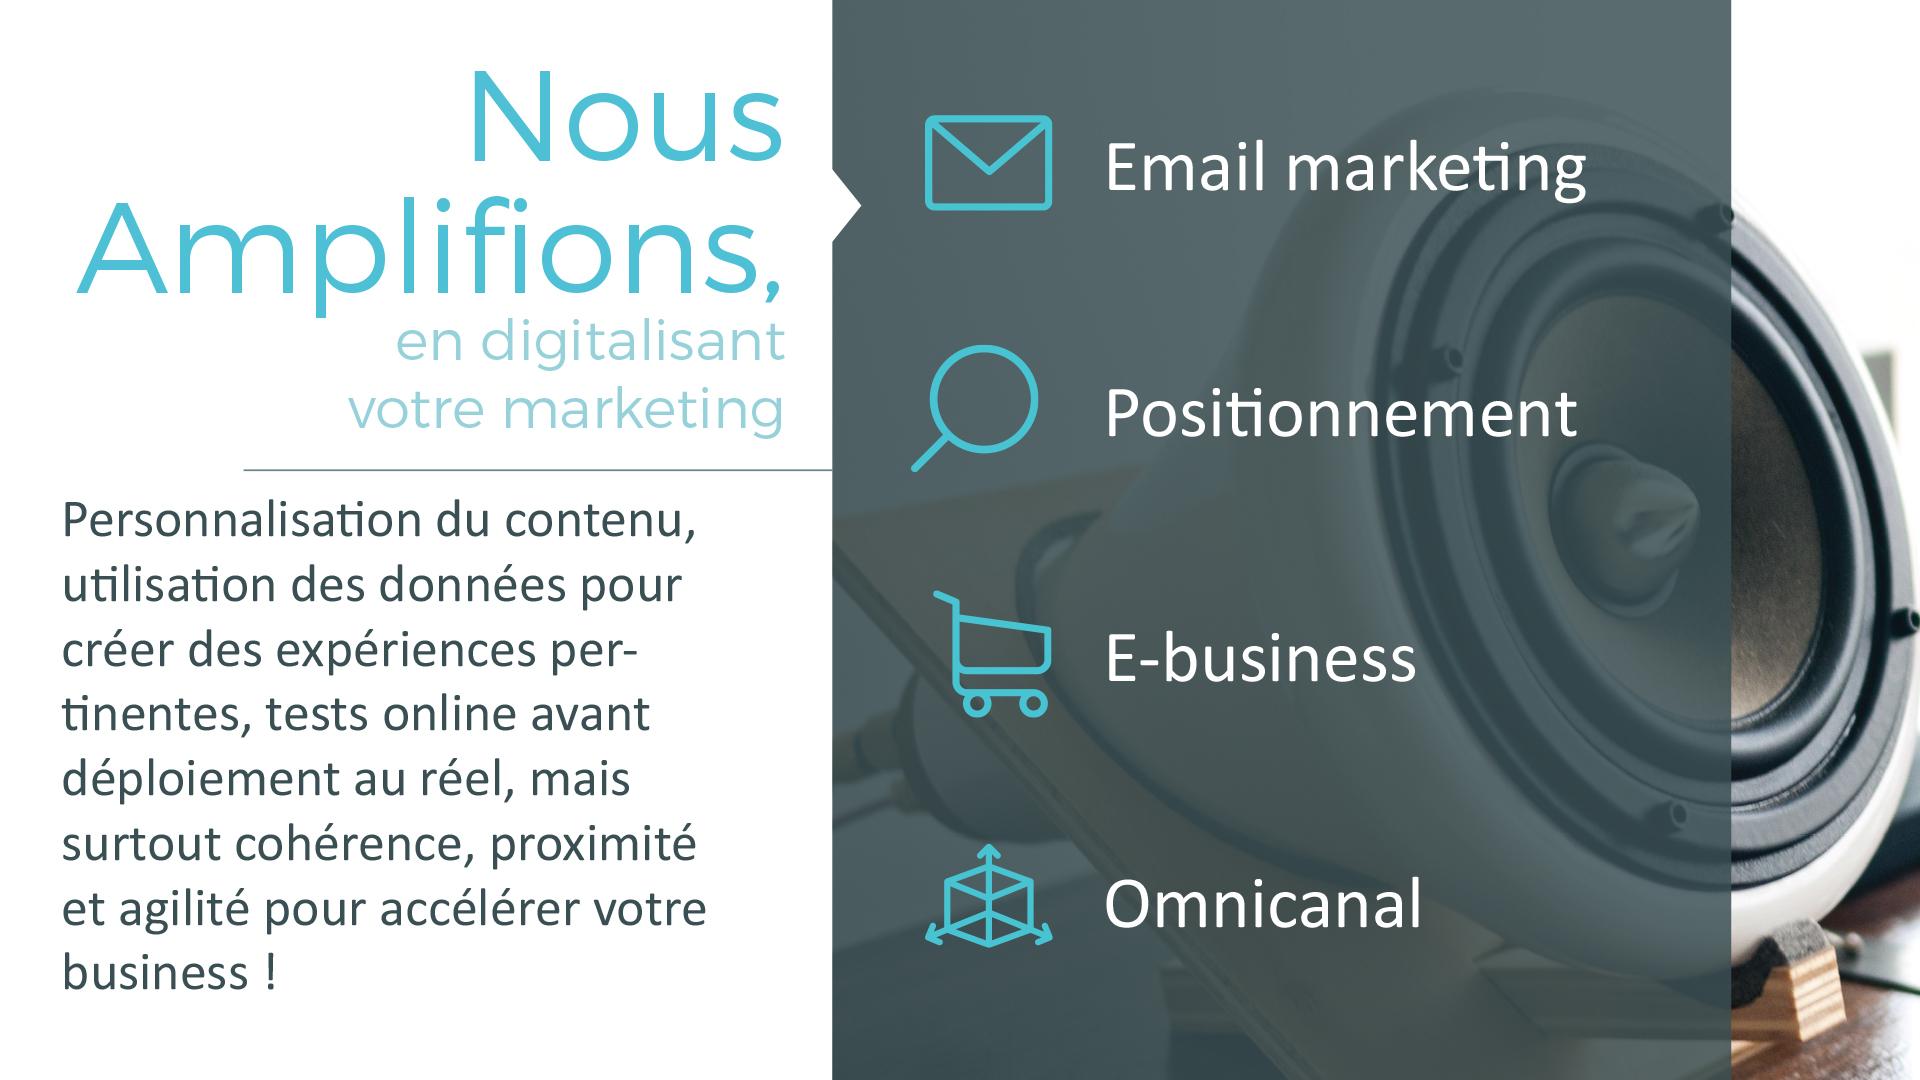 Nous Amplifions, en digitalisant votre marketing : Email marketing - Positionnement - E-business - Omnicanal